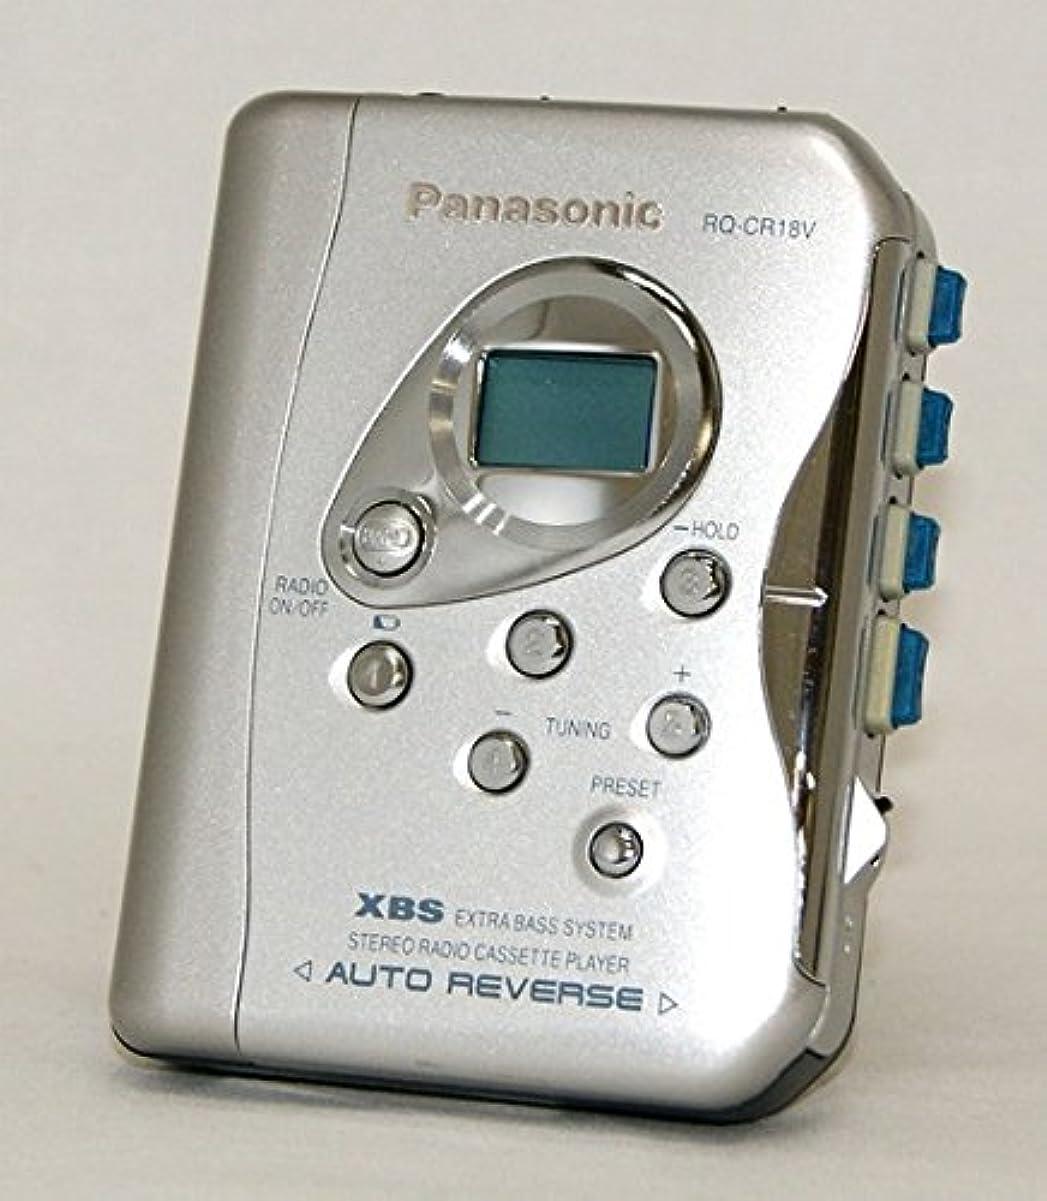 起きる多用途どれかPanasonic パナソニック RQ-CR18V-S シルバー ラジオ(FM/AM)付きヘッドホンステレオ